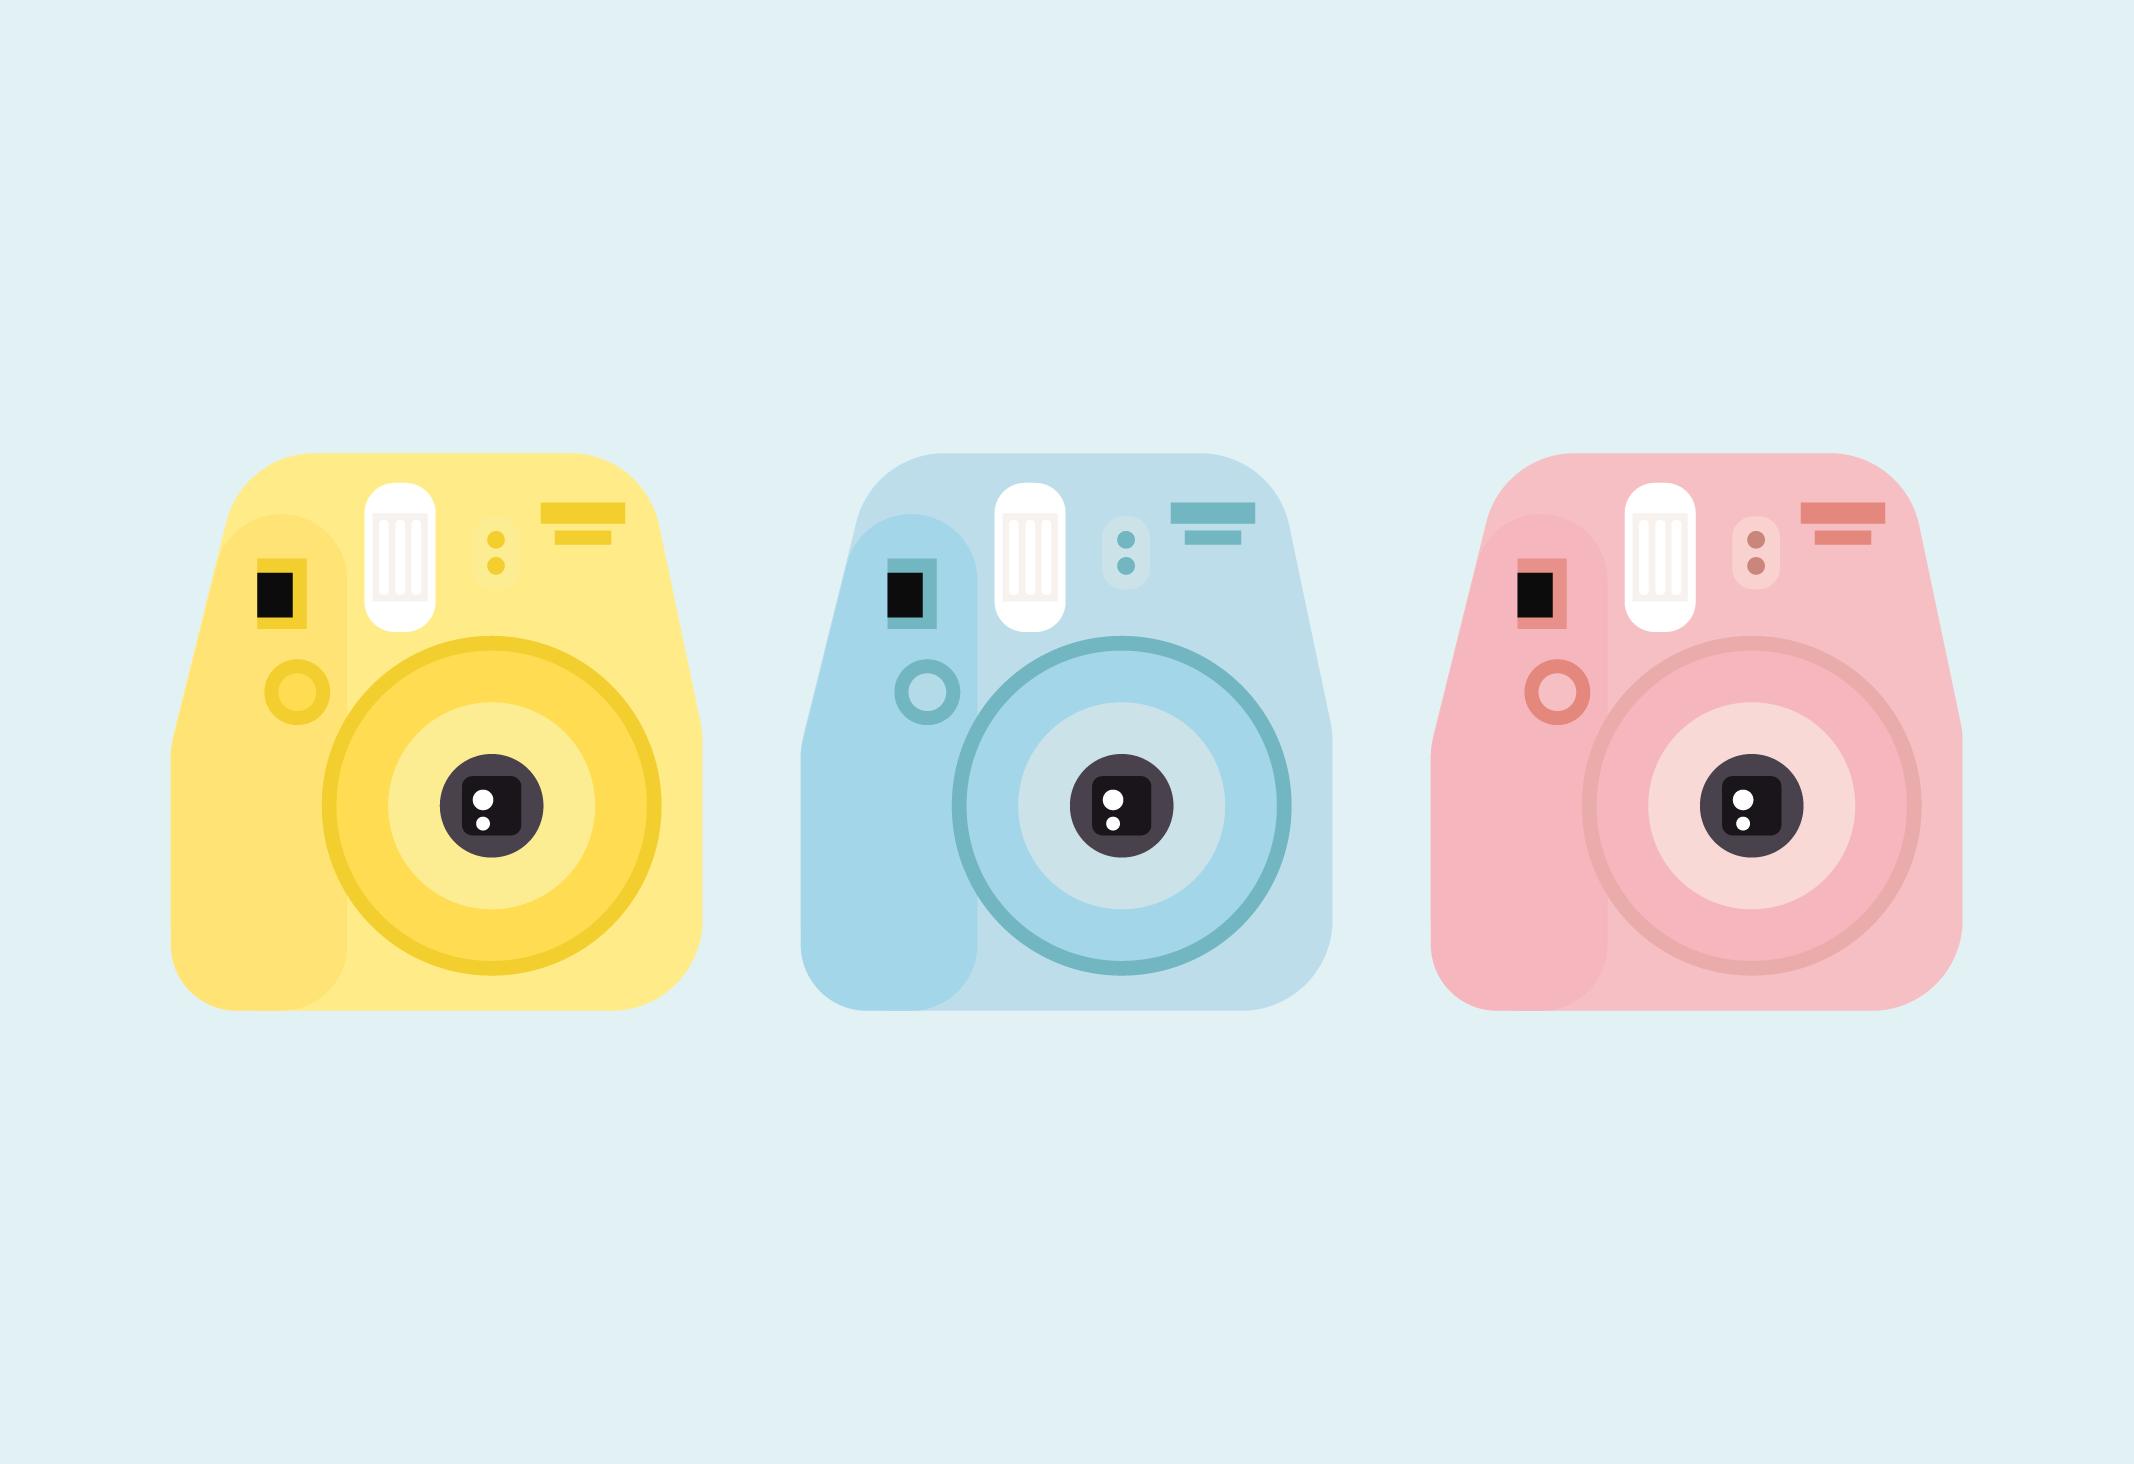 16ae1e5c6b A la vuelta de las vacaciones os intentamos solucionar unas preguntas que  nos habéis consultado bastante, ¿Qué diferencia hay entre la Polaroid 300 y  la ...